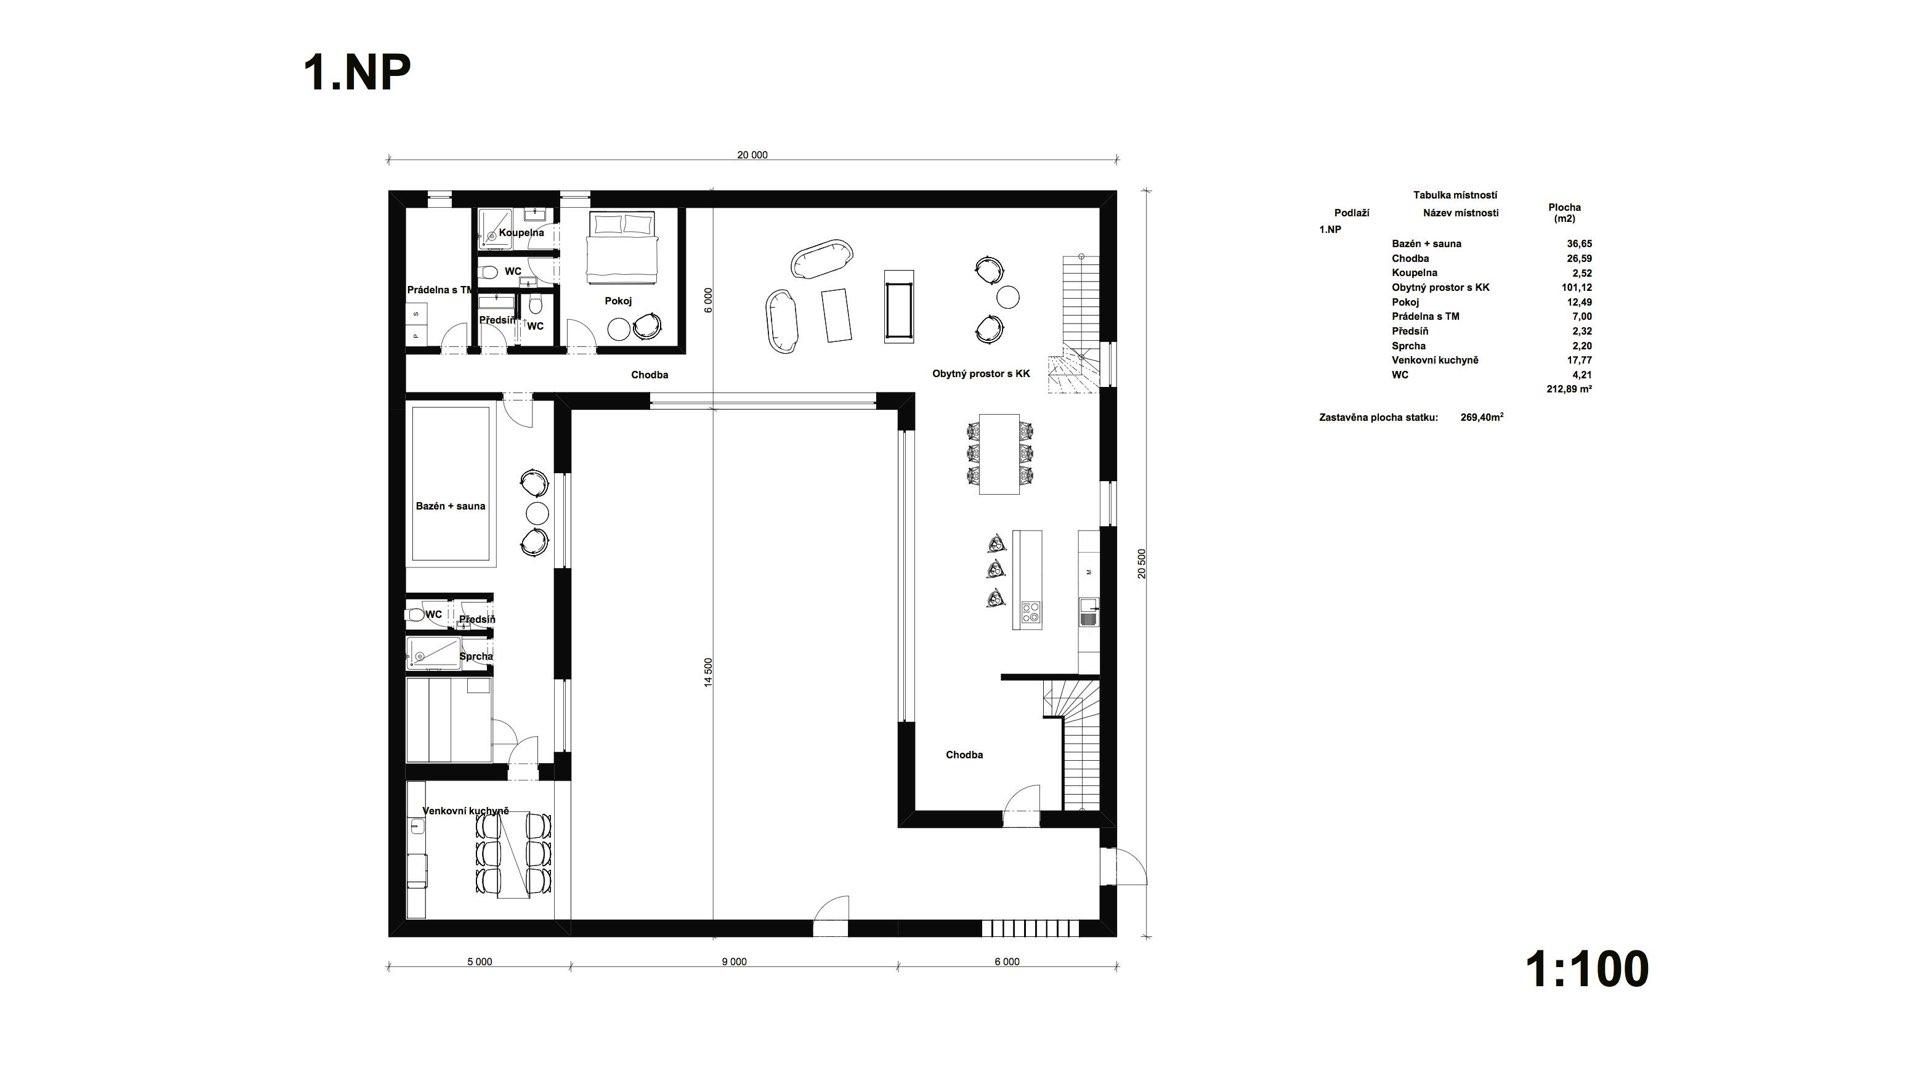 Rezidence Jenerálka KKCG - půdorys rodinného domu (statek) - 1.NP. Autor: Kurz architekti